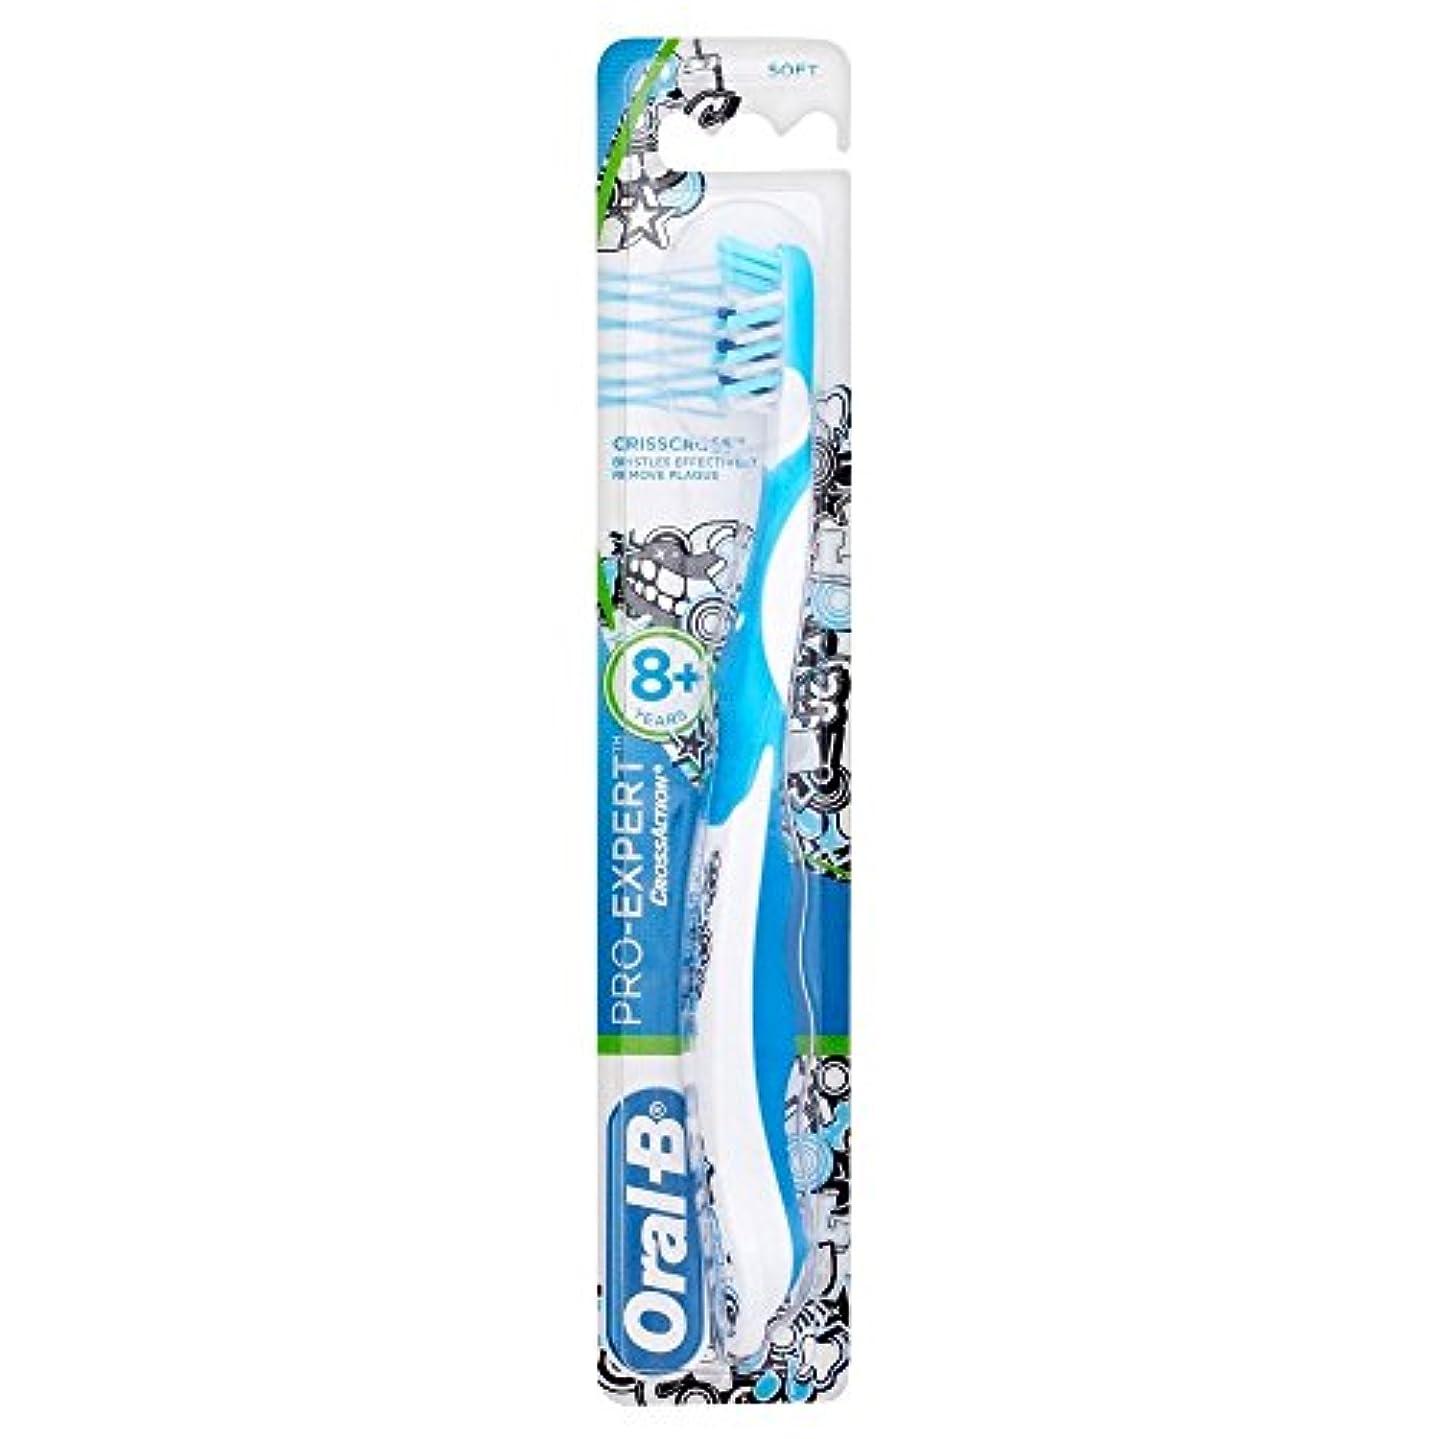 恥十年印象派Oral-B Toothbrush Pro-Expert Soft Bristles 8yr + オーラルb歯ブラシプロ専門ソフト剛毛??8Yr + [並行輸入品]